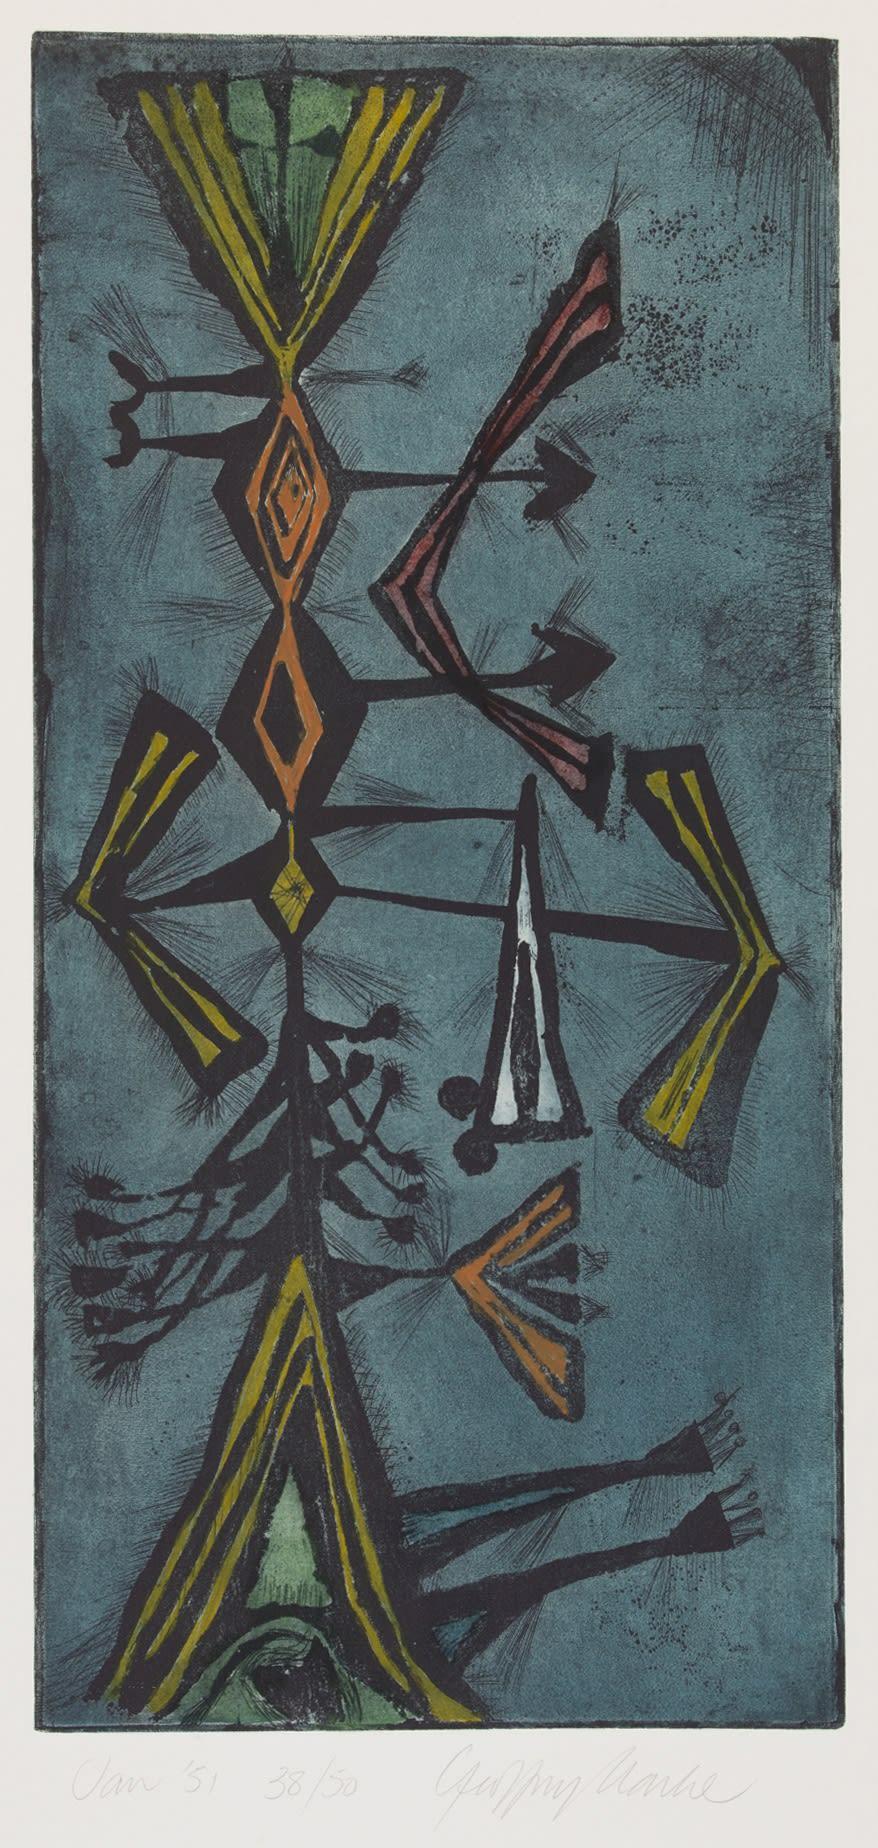 Geoffrey Clarke, Blue Head (114), 1951